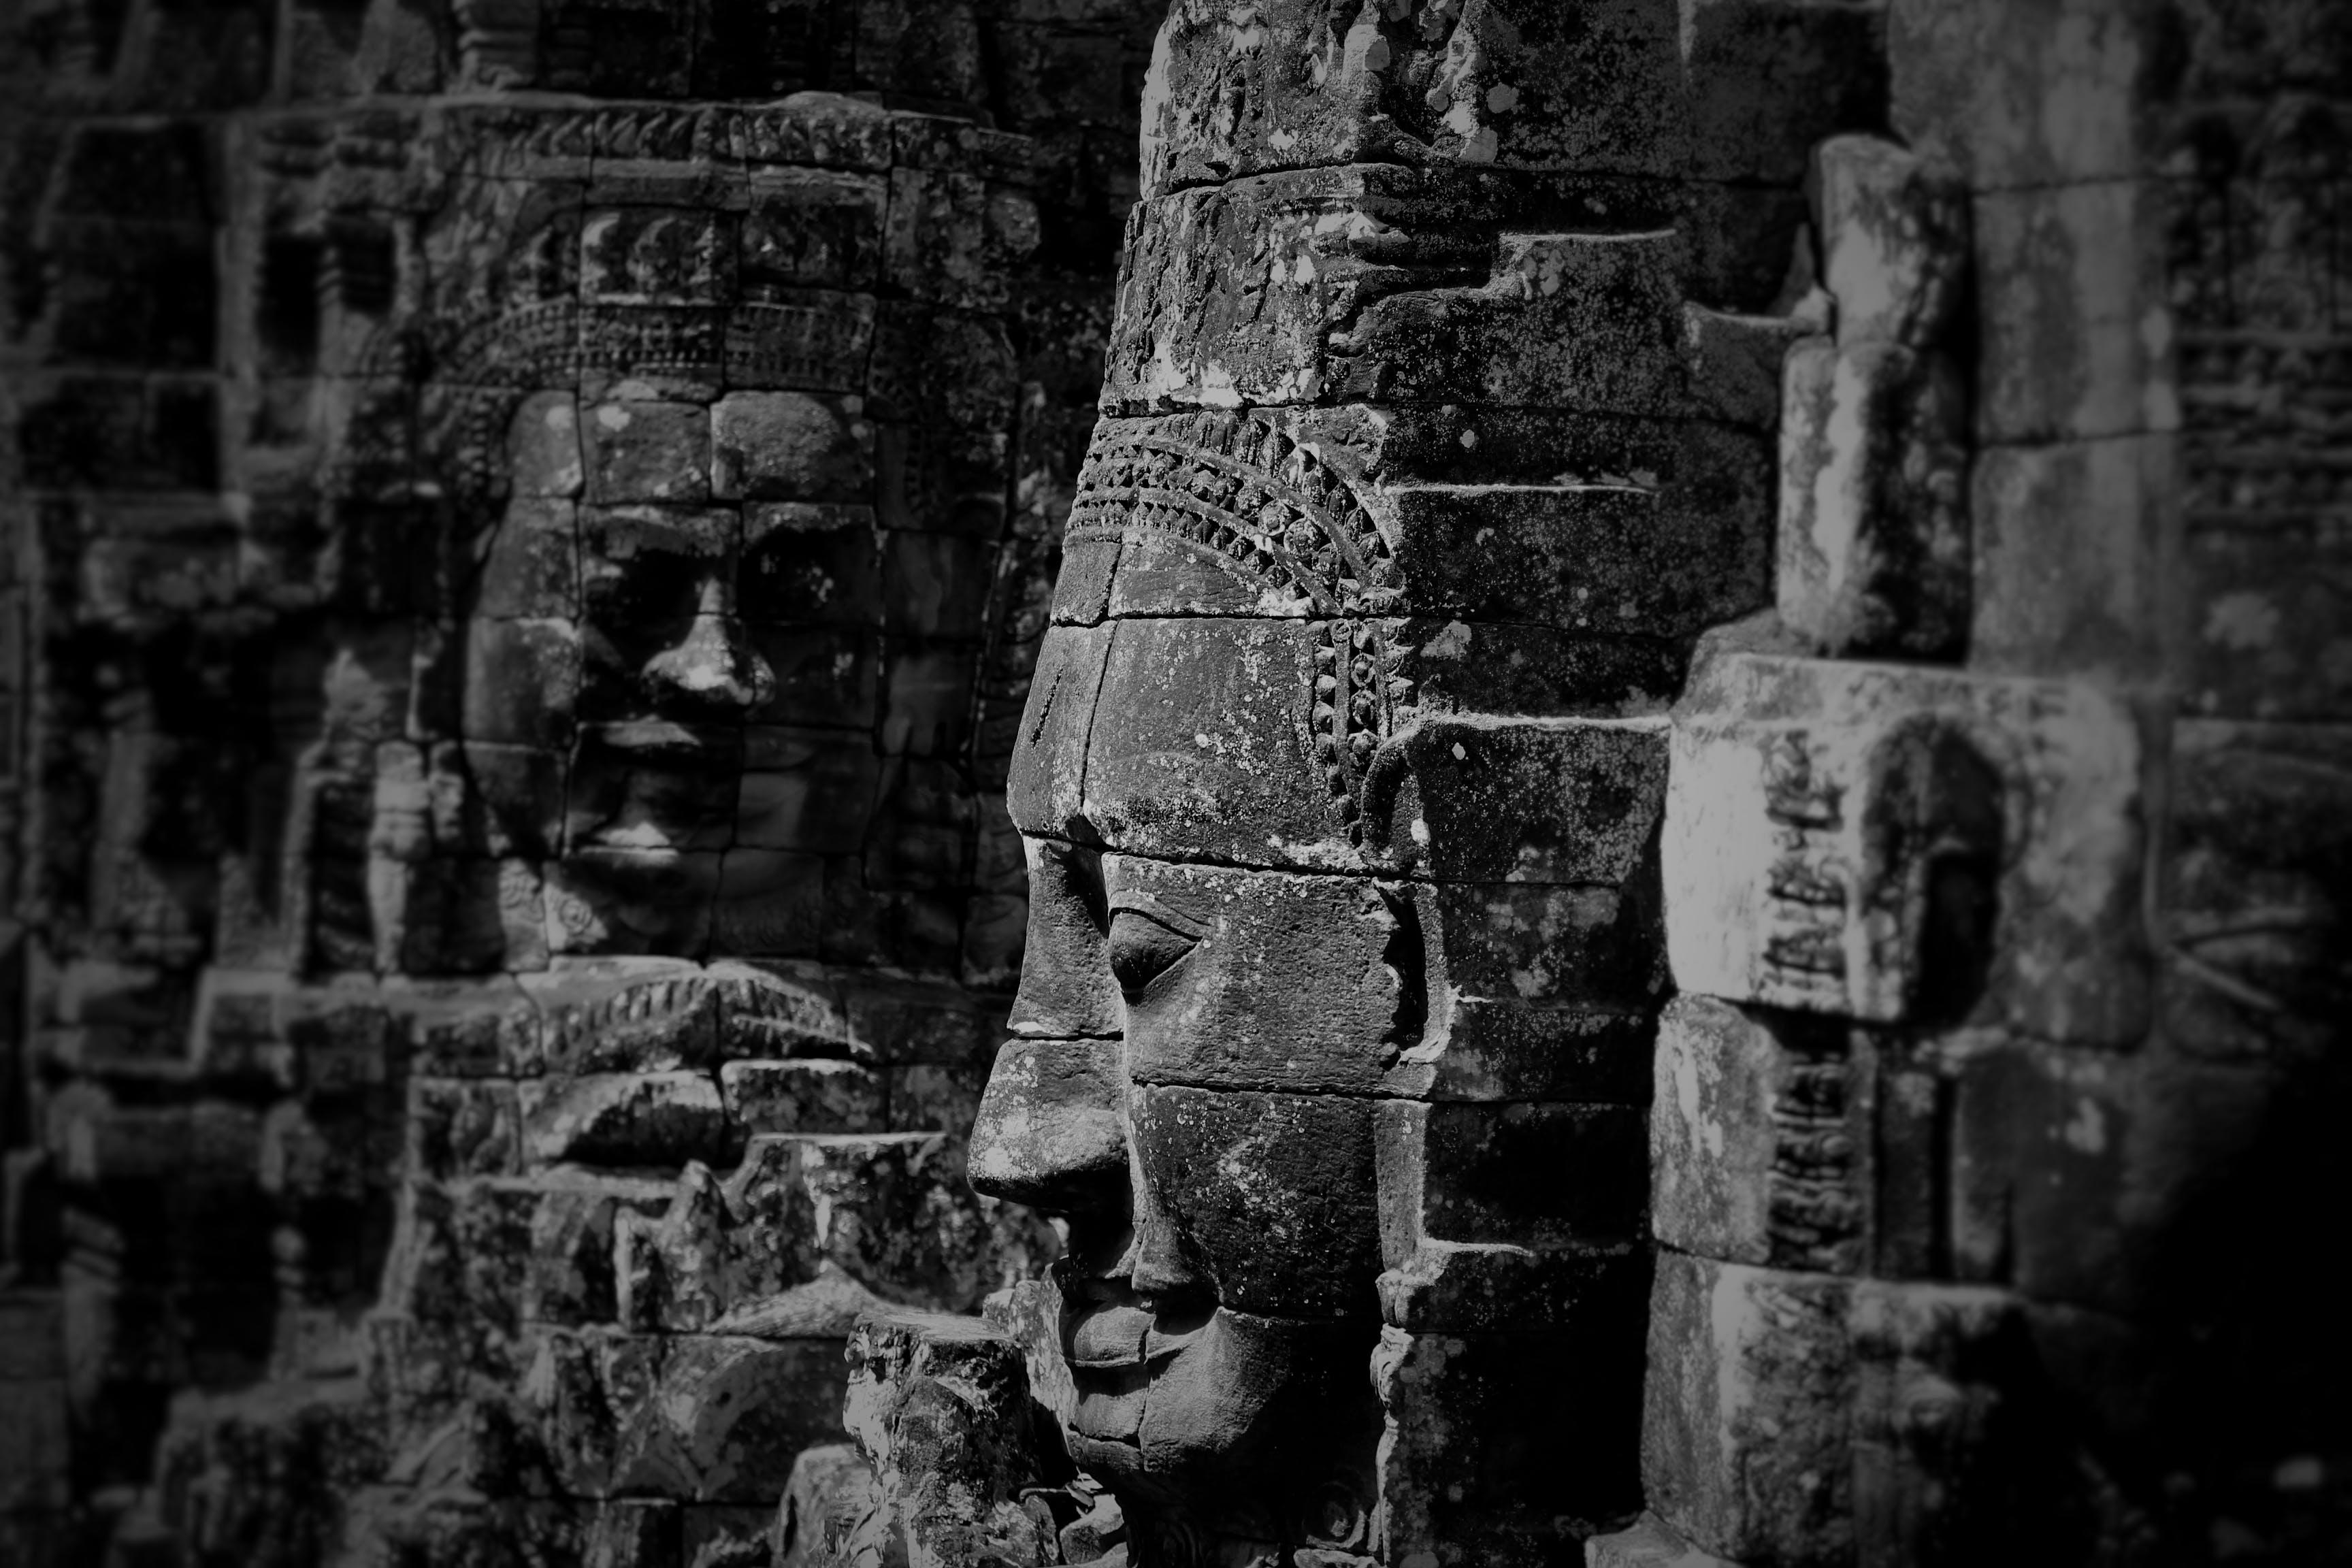 Grayscale Photo of Buddha Statues